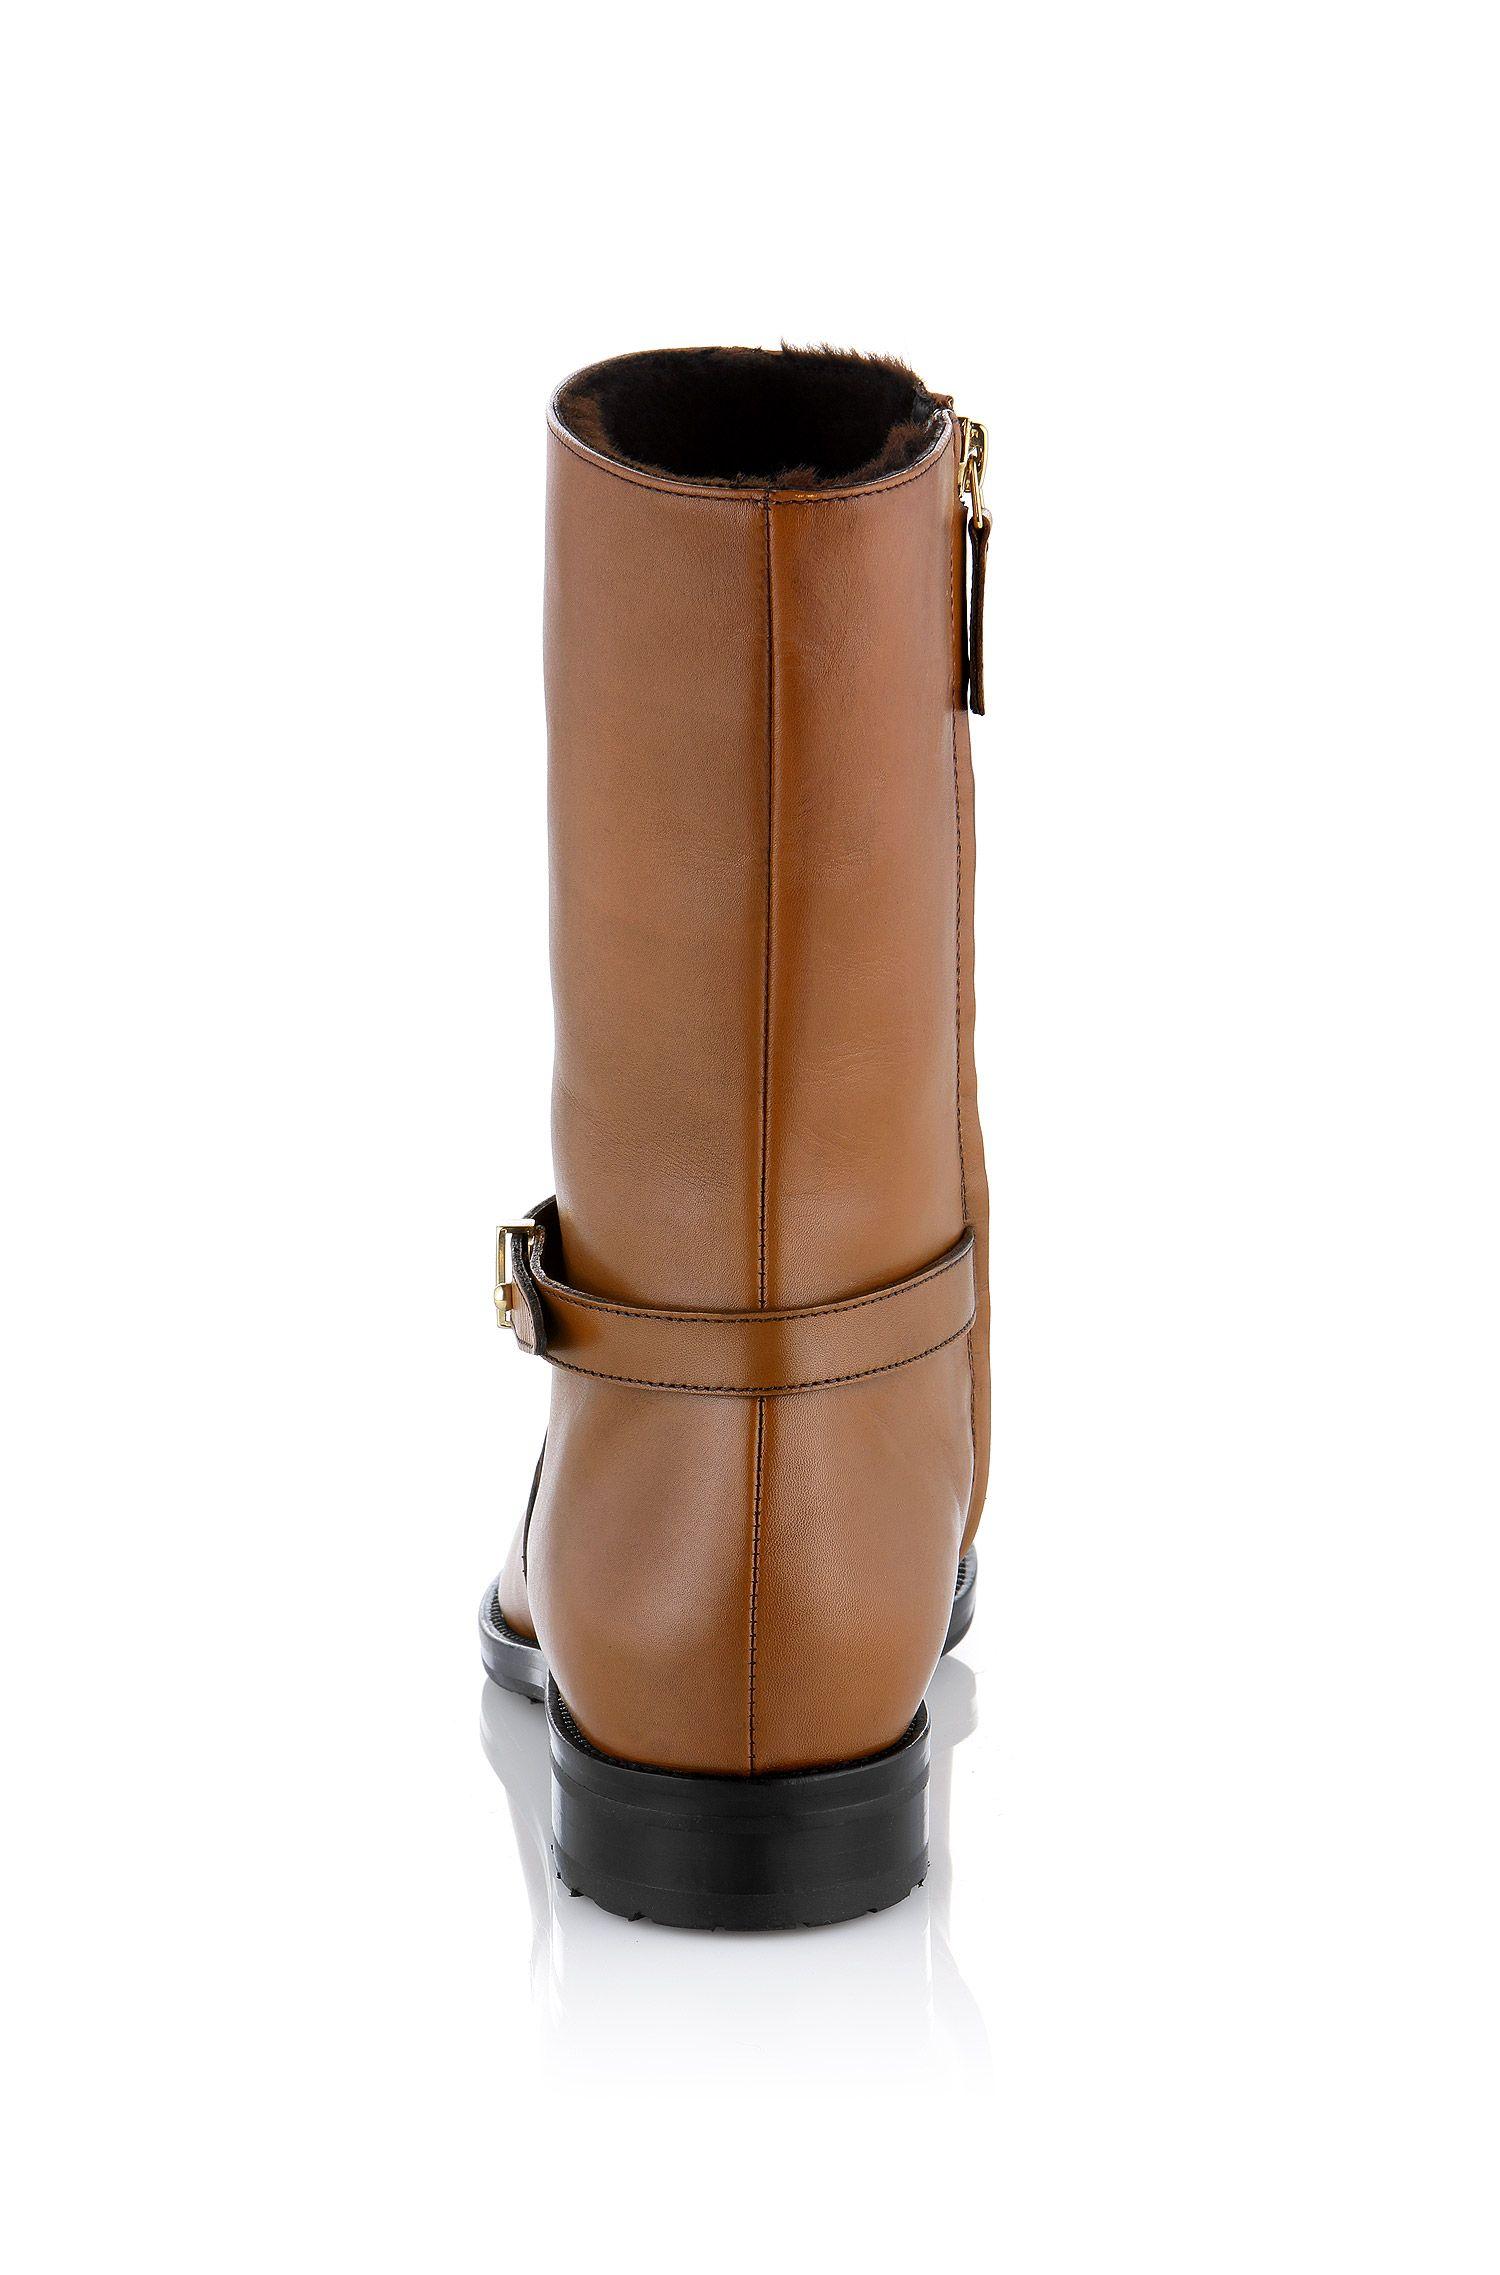 Stiefelette ´Giorgie` aus Leder